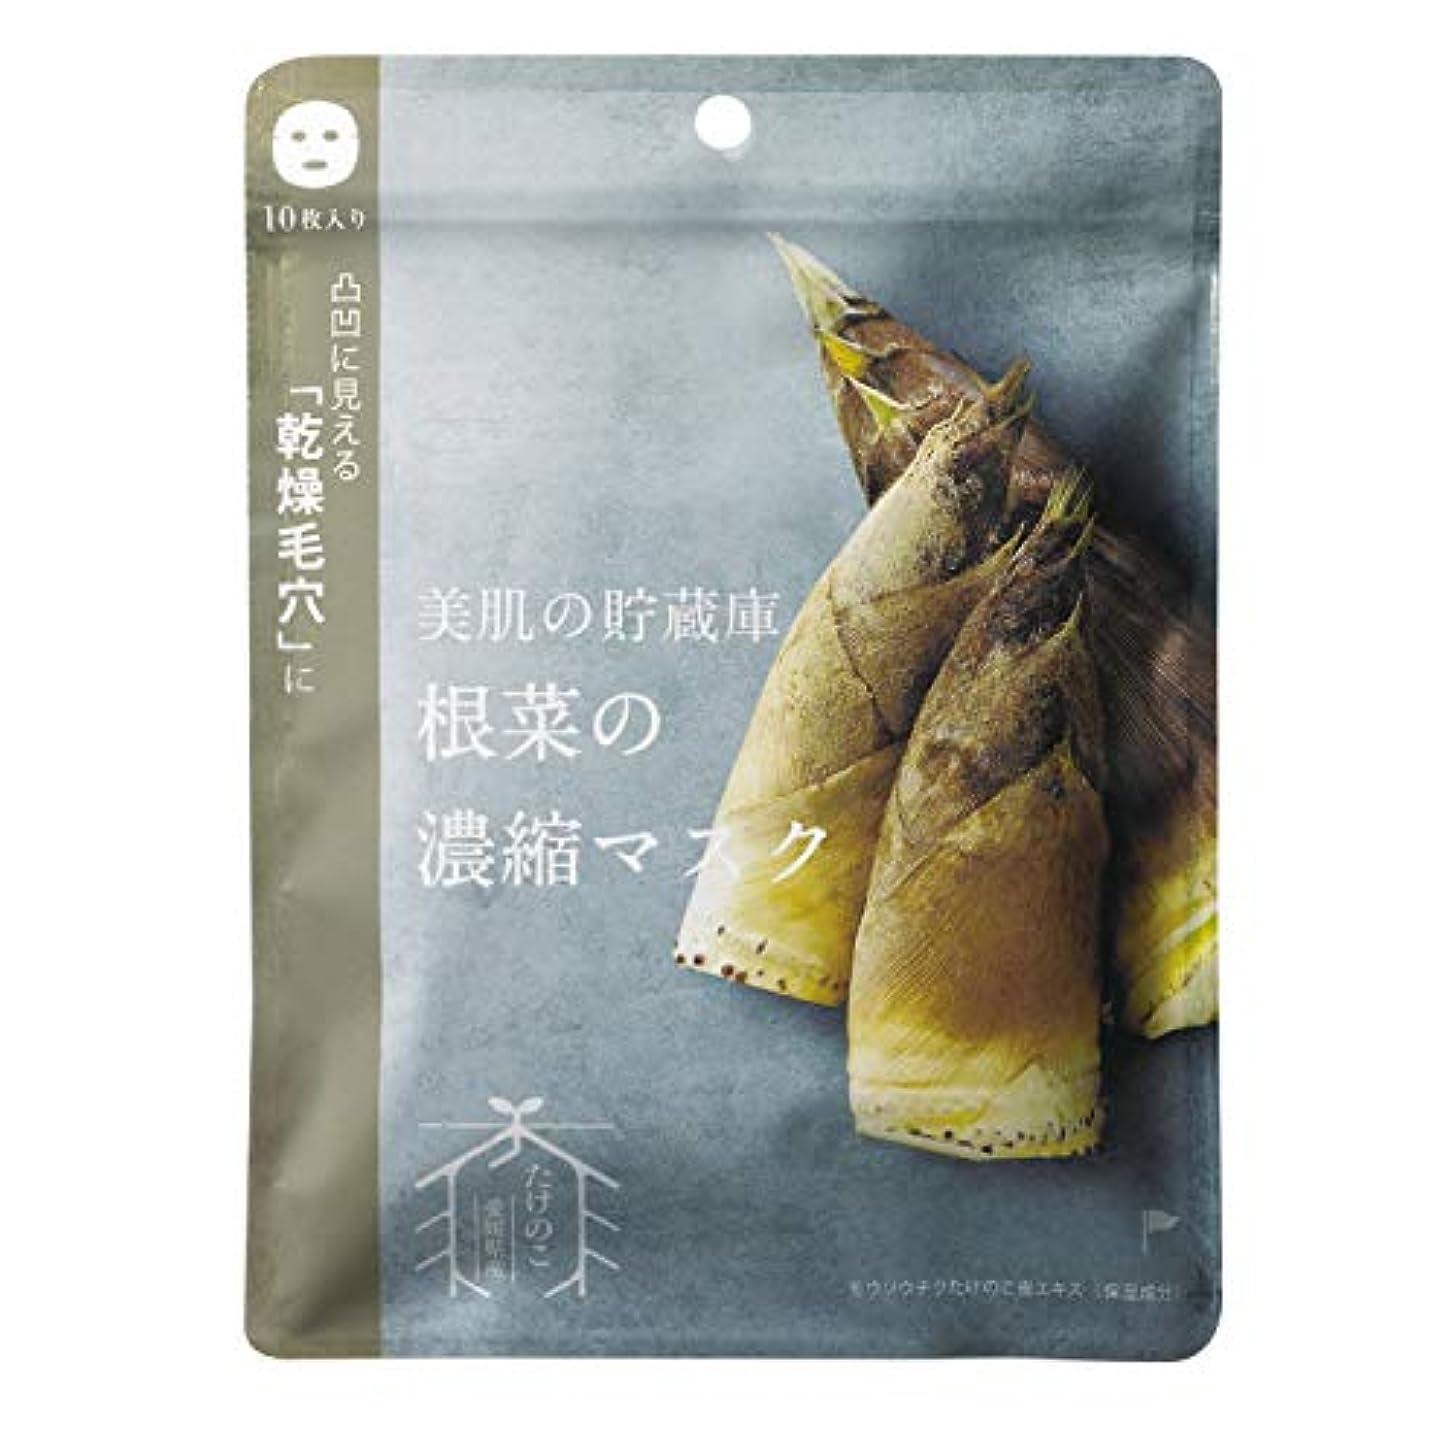 指前売キャロライン@cosme nippon 美肌の貯蔵庫 根菜の濃縮マスク 孟宗竹たけのこ 10枚 160ml